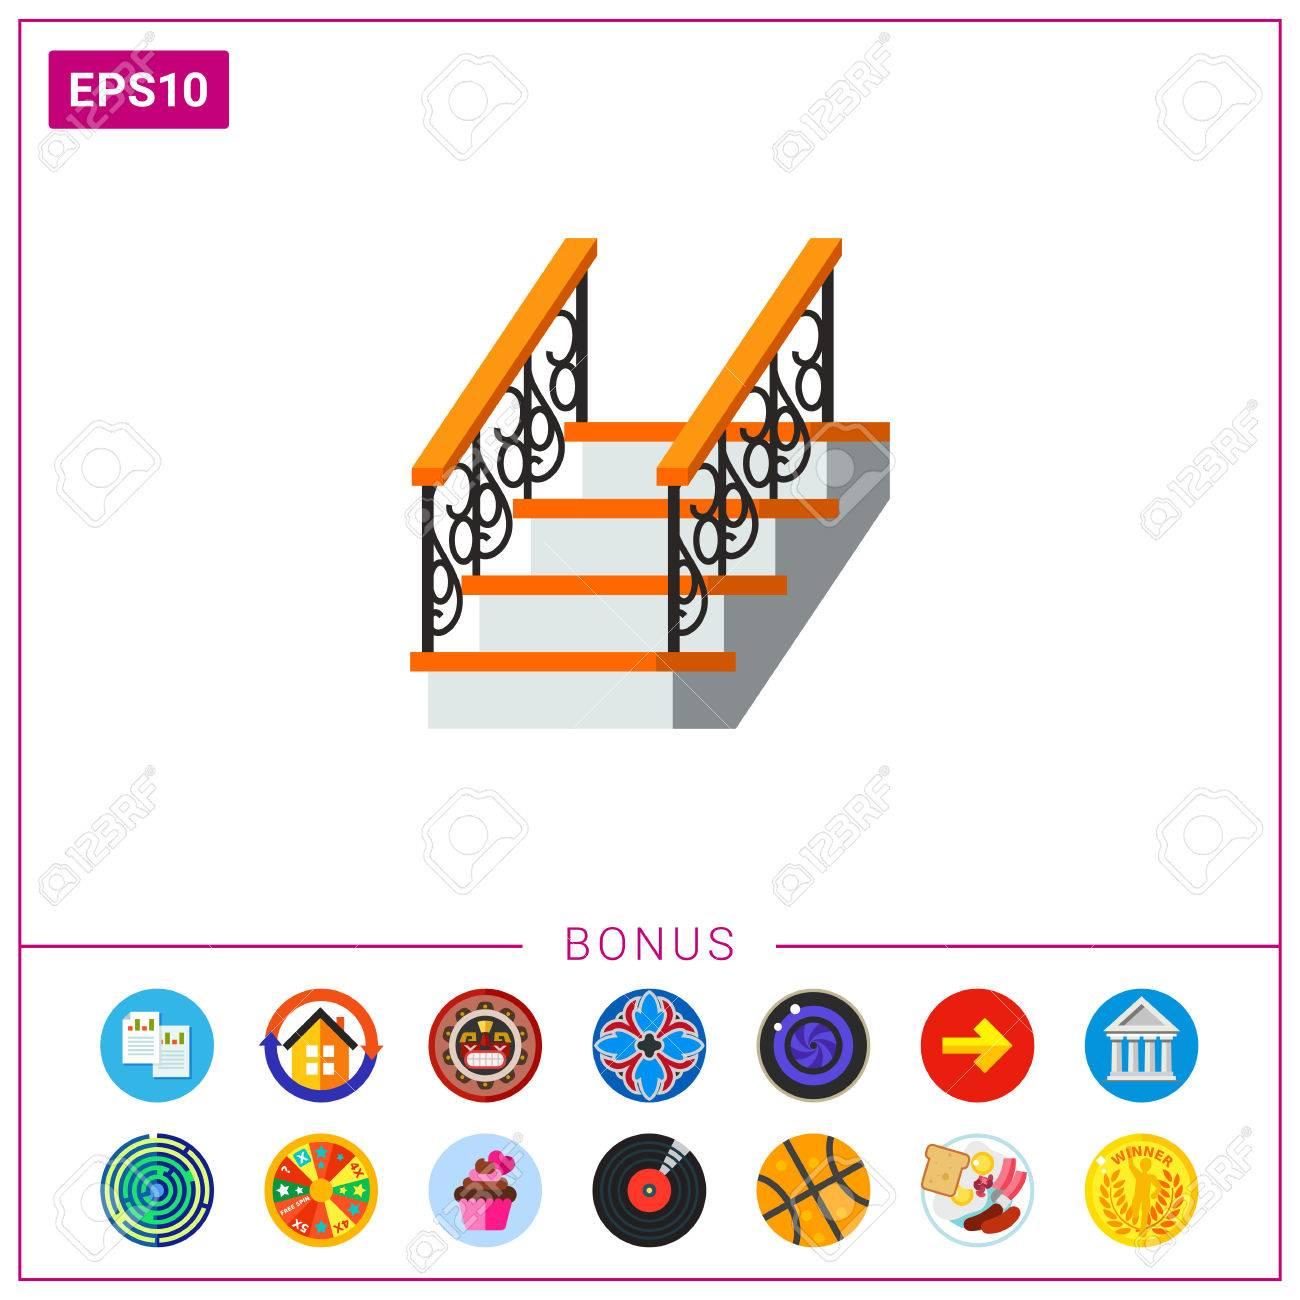 Maison Avec Travaux 77 icône de vecteur d'échelle avec rampe de clôture forgée. maison, escalier,  sortie. concept des travaux de fer. peut être utilisé pour des sujets comme